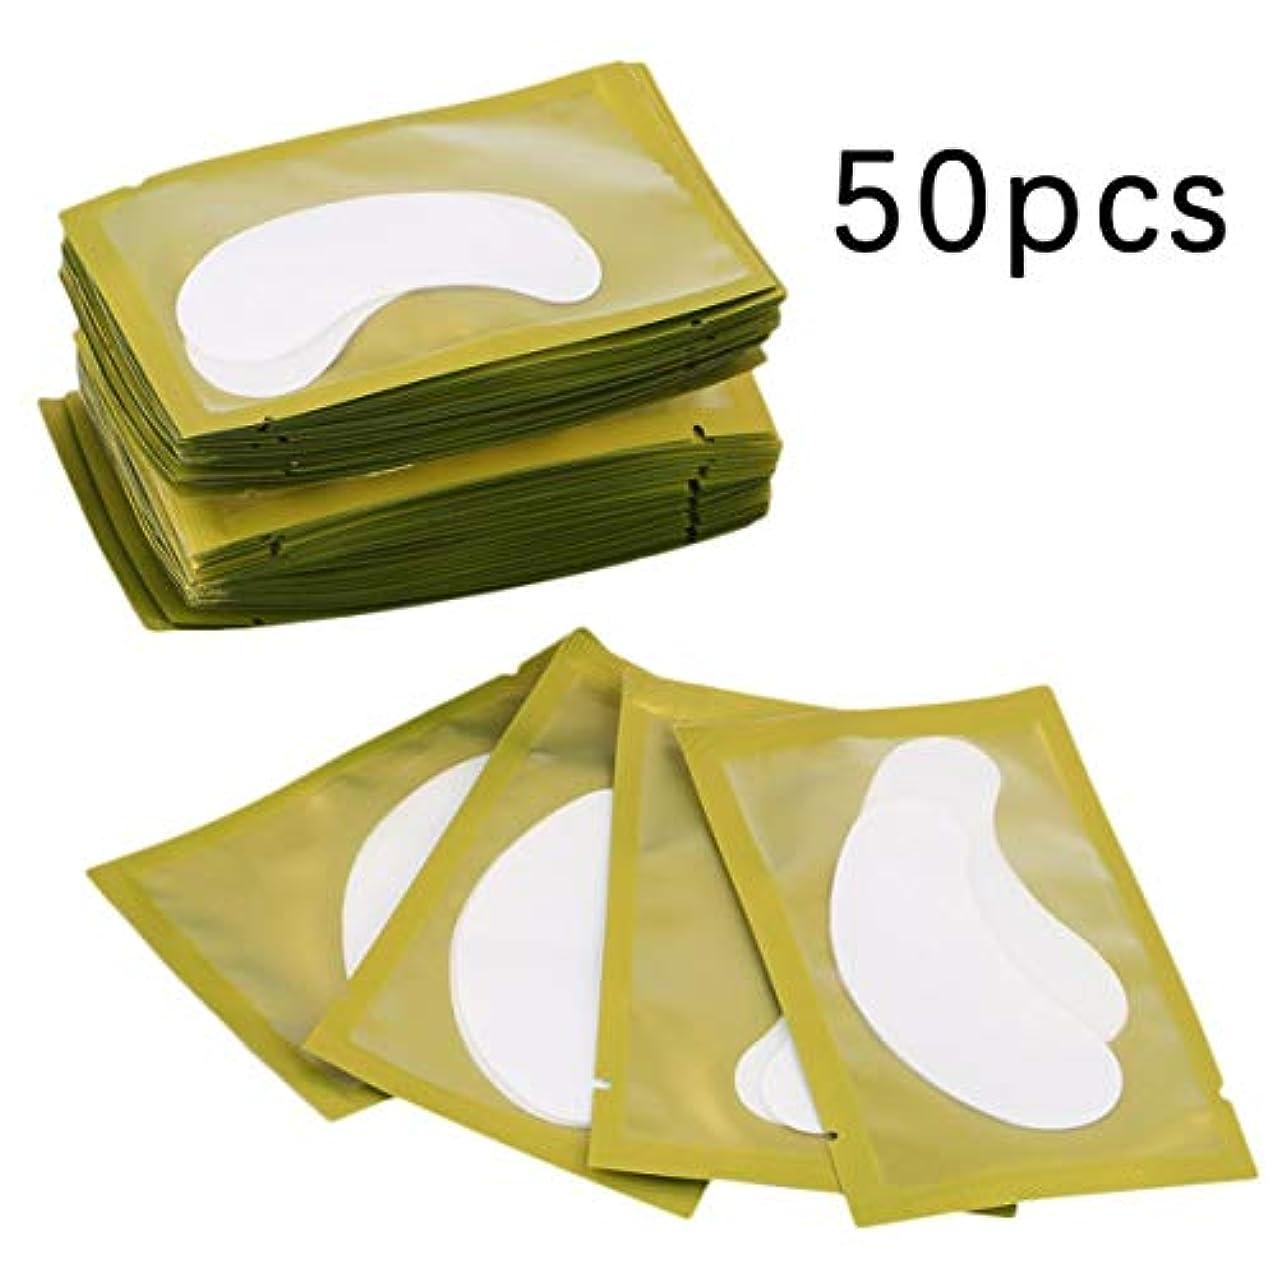 レンダリング強調する処理するIntercorey 50PCSペーパーパッチアイパッドの下のまつげラッシュまつげペーパーのヒント